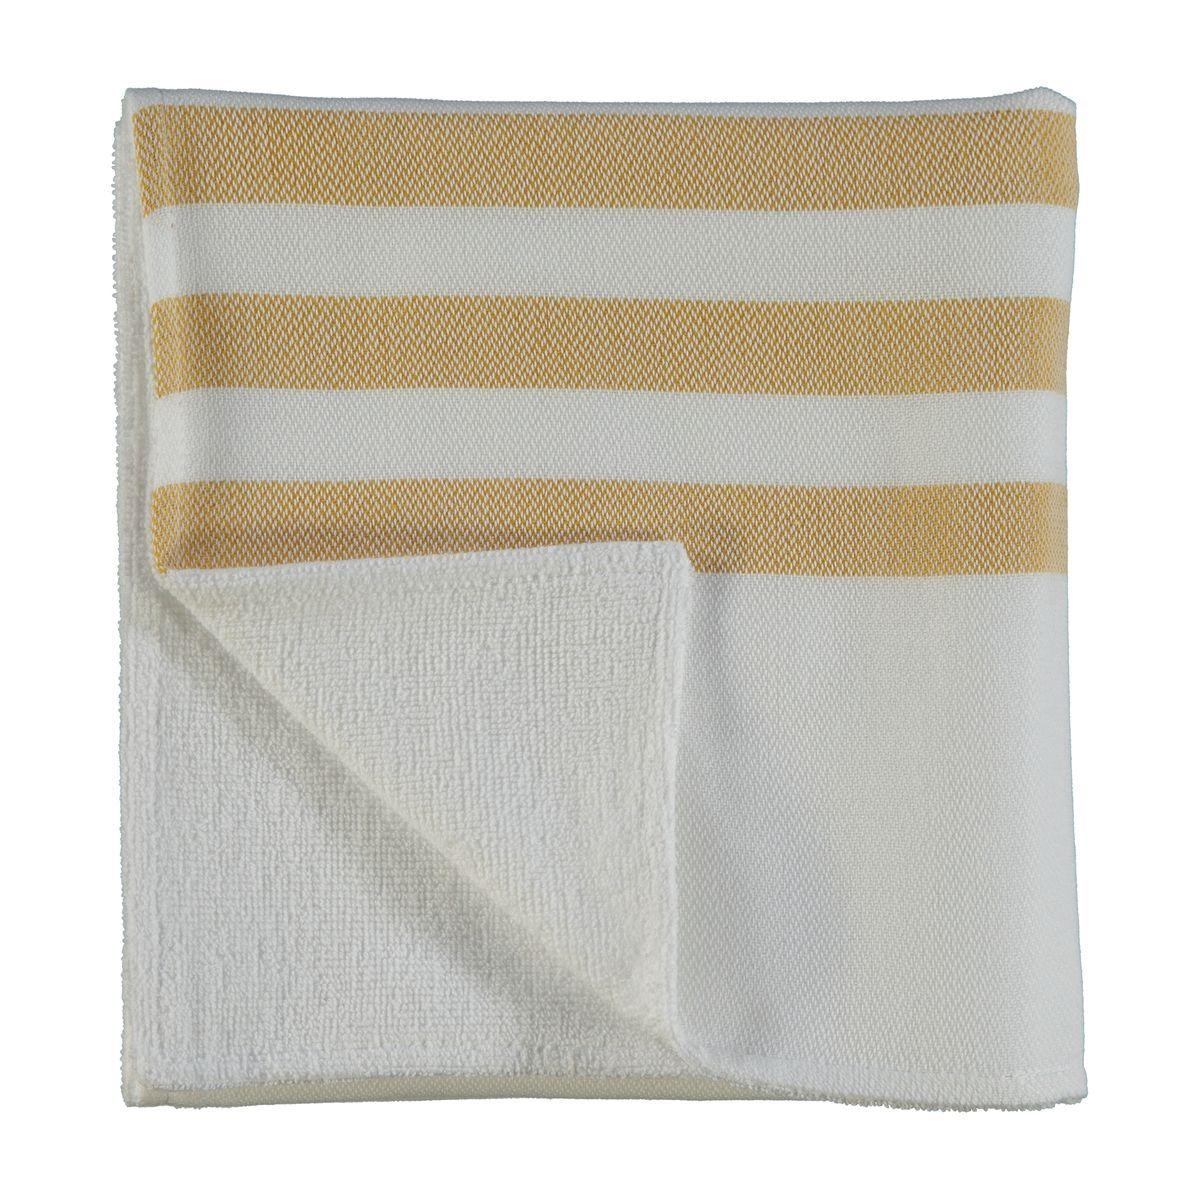 Havlu Mini Bala Sultan / Çift Yüzlü - Beyaz / Sarı